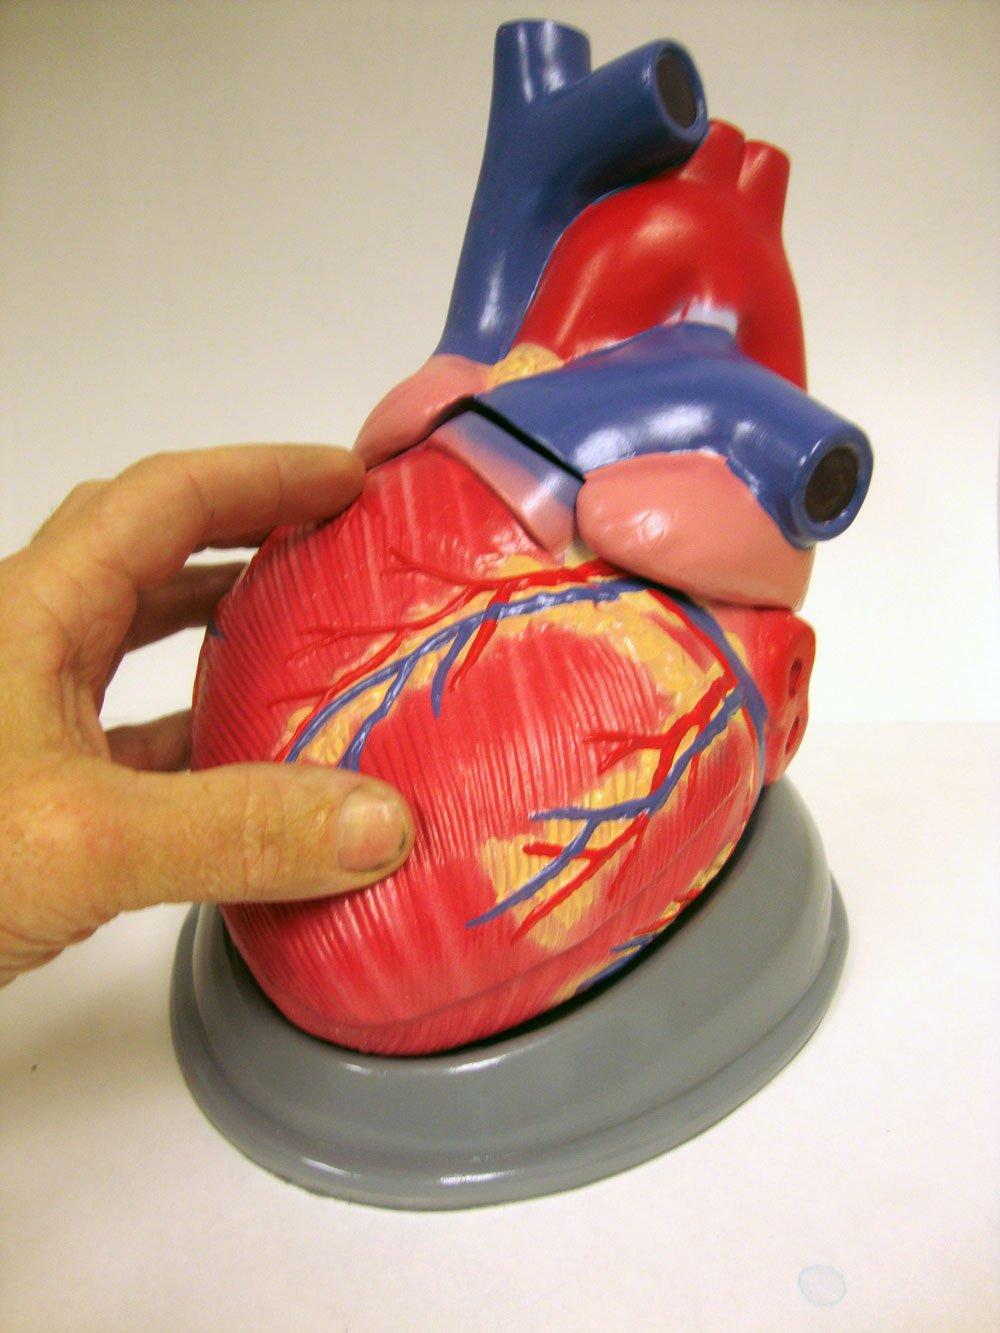 Big Bertha Giant 2x Life Size Human Heart Model Amazon